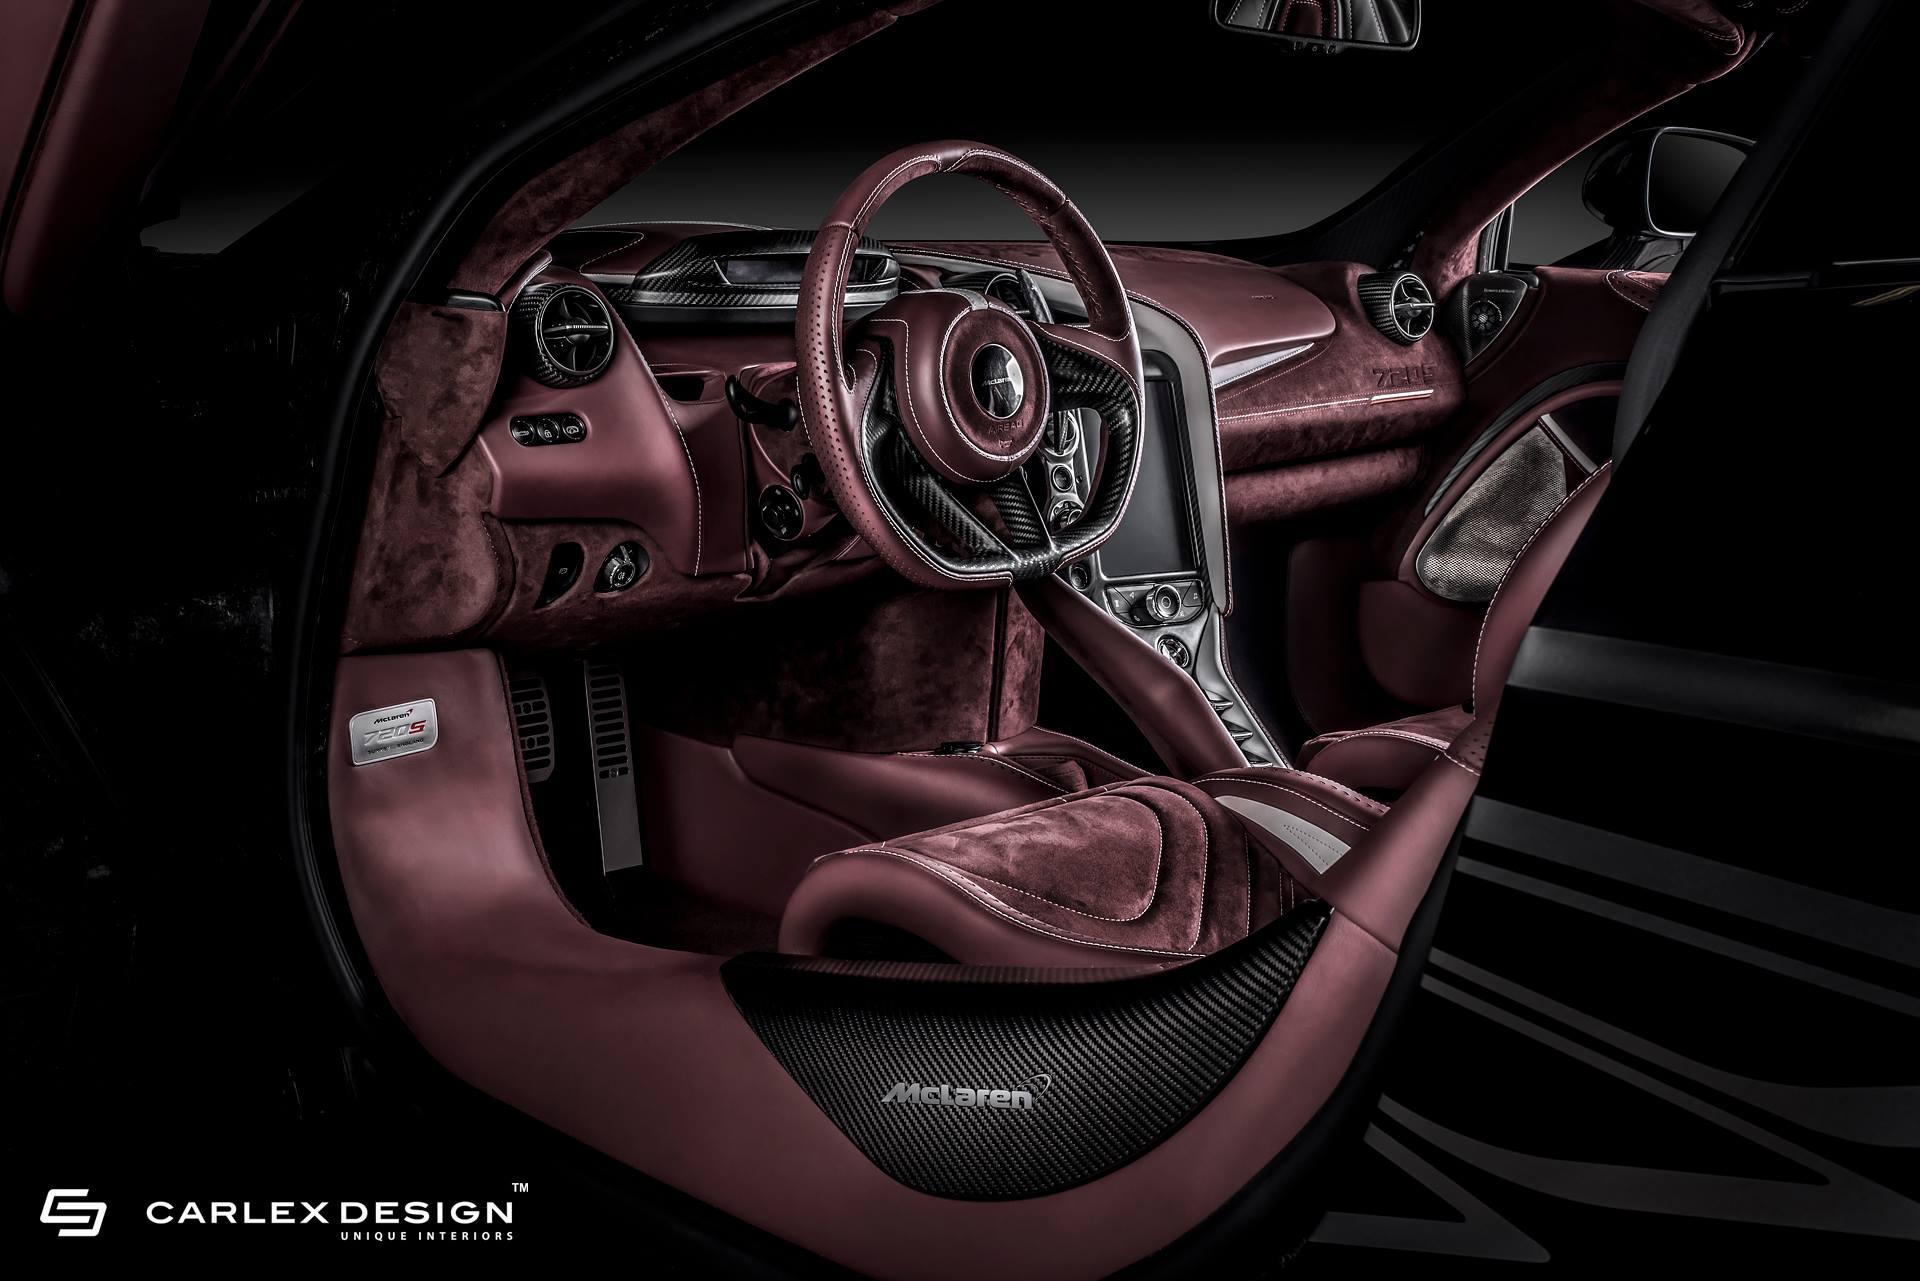 Тизер-изображения демонстрируют пару Rolls-Royce Phantom. Один из них - Phantom V – получил целый килограмм серебра для отделки рулевого колеса. Другие проекты включают SRT Hellcat и MINI!